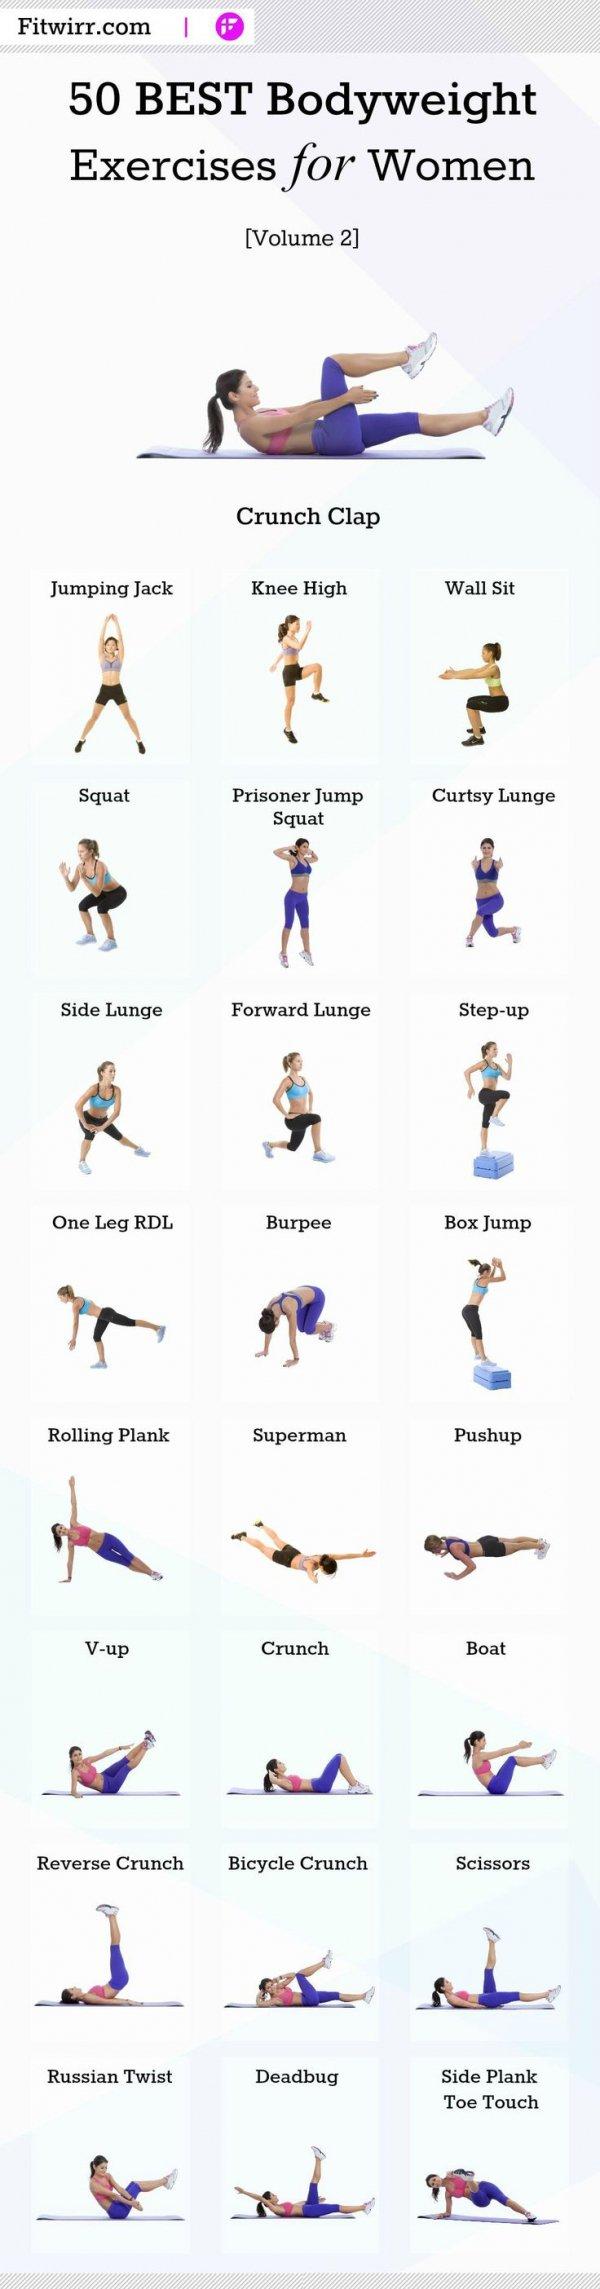 50 Best Bodyweight Exercises for Women, Volume 2